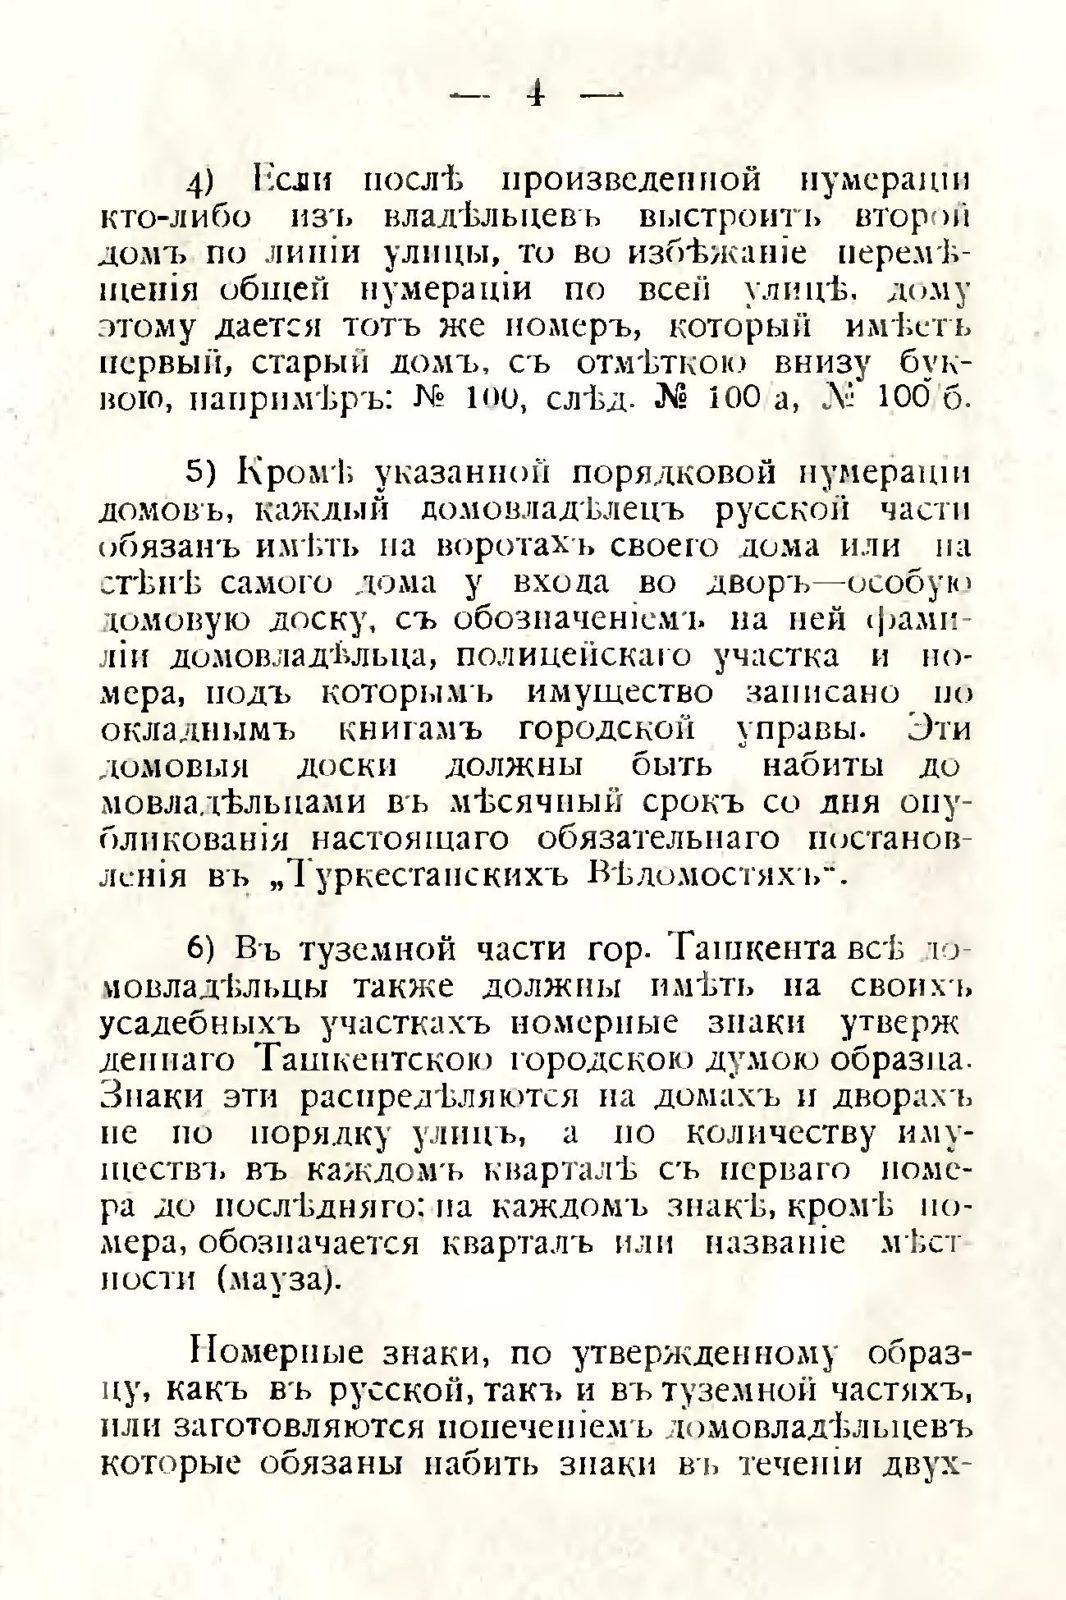 sbornik_obyazatelnyh_postanovlenii_tashkentskoi_gorodskoi_du_8